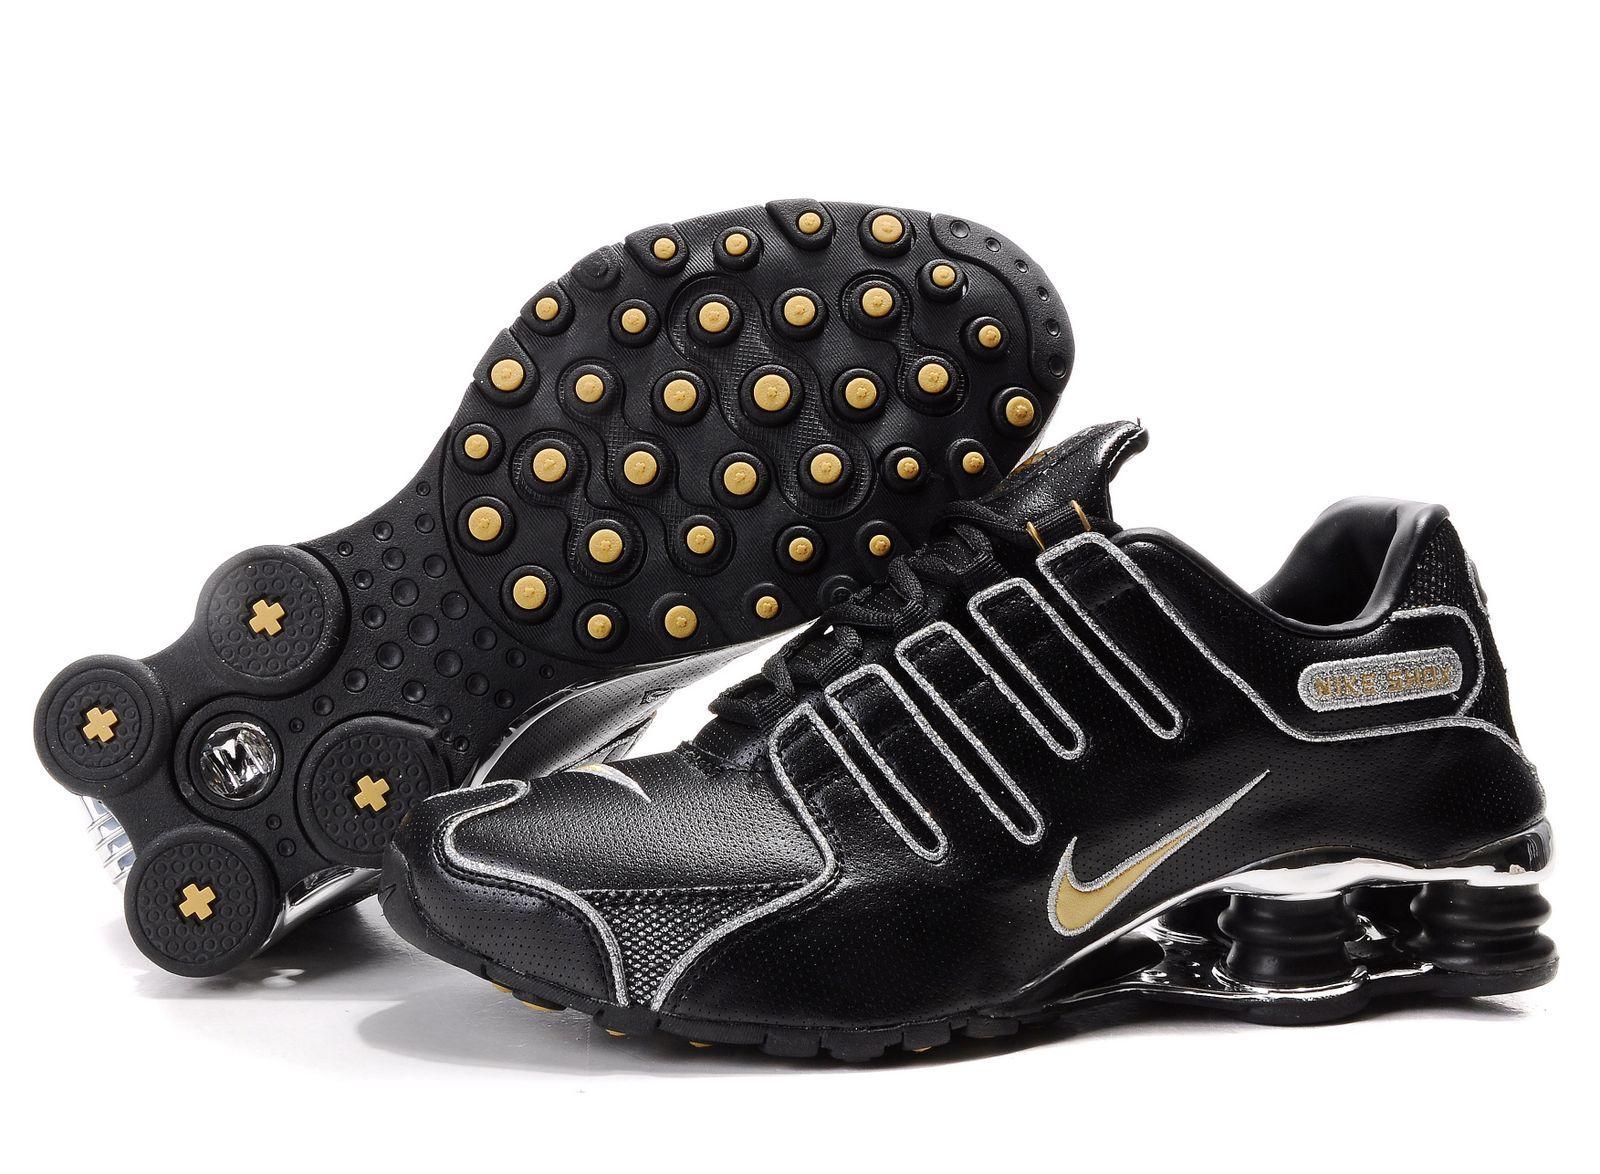 Nike Chaussures Des Femmes Noires Nzz recherche en ligne magasin d'usine jeu fiable images footlocker sortie fiable vlvau0udFc